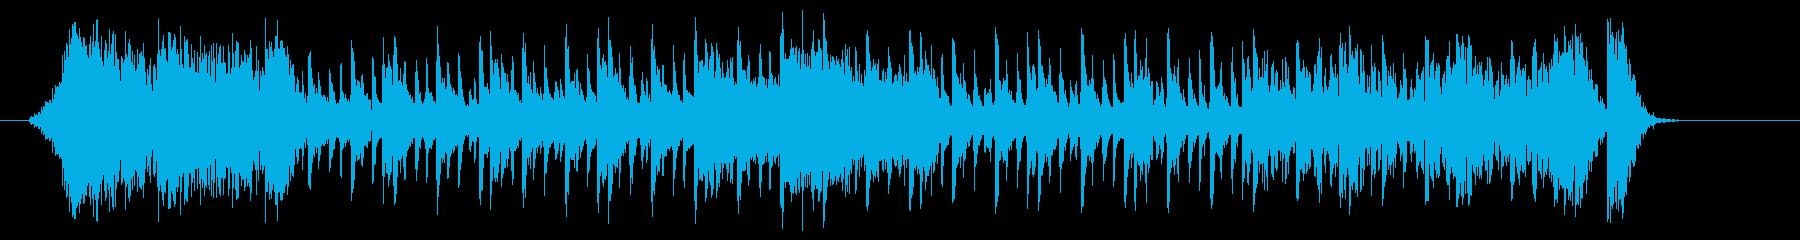 疾走感あるリズミカルなシンセジングルの再生済みの波形